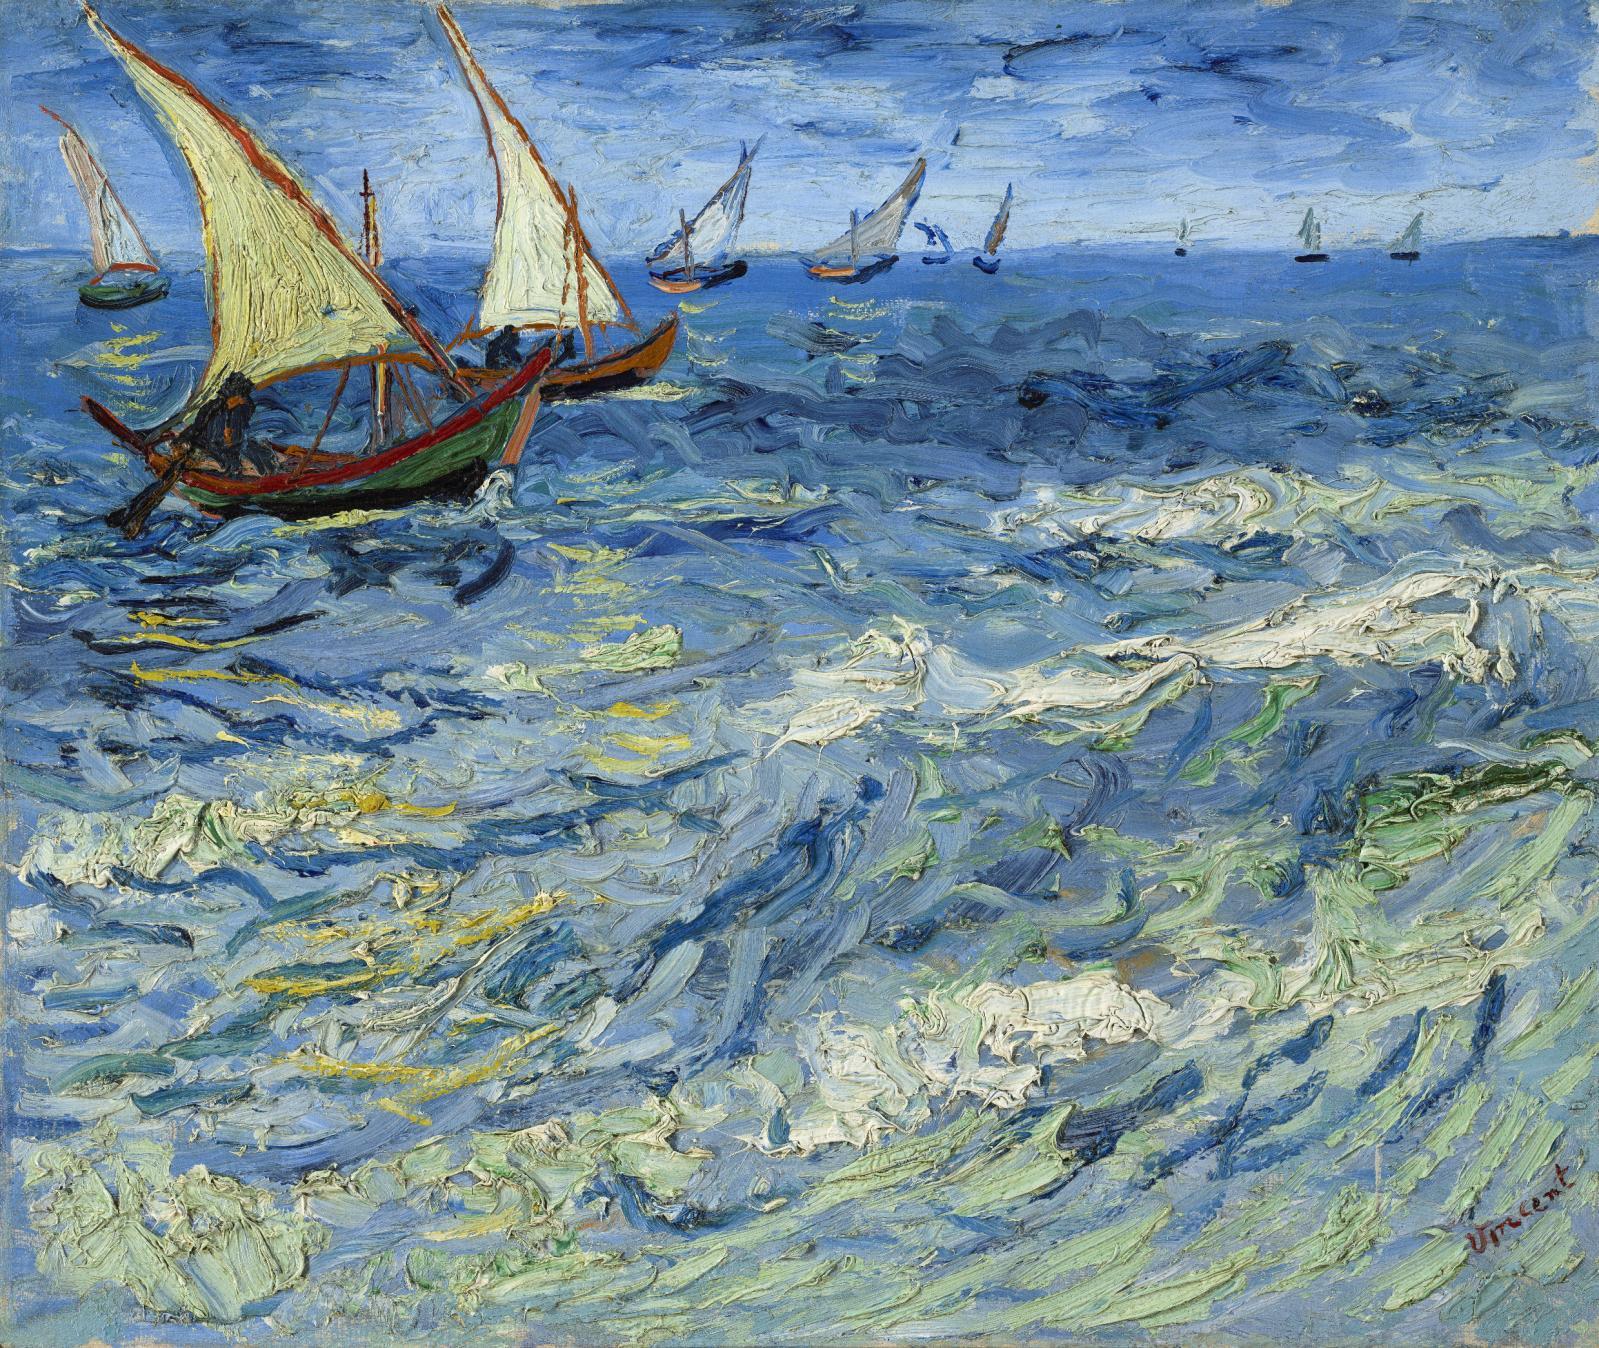 Vincent Van Gogh (1853-1890), La Mer aux Saintes-Maries, 1888, huile sur toile, 44,5x54,5cm, musée d'État des beaux-arts Pouchkine, Mos